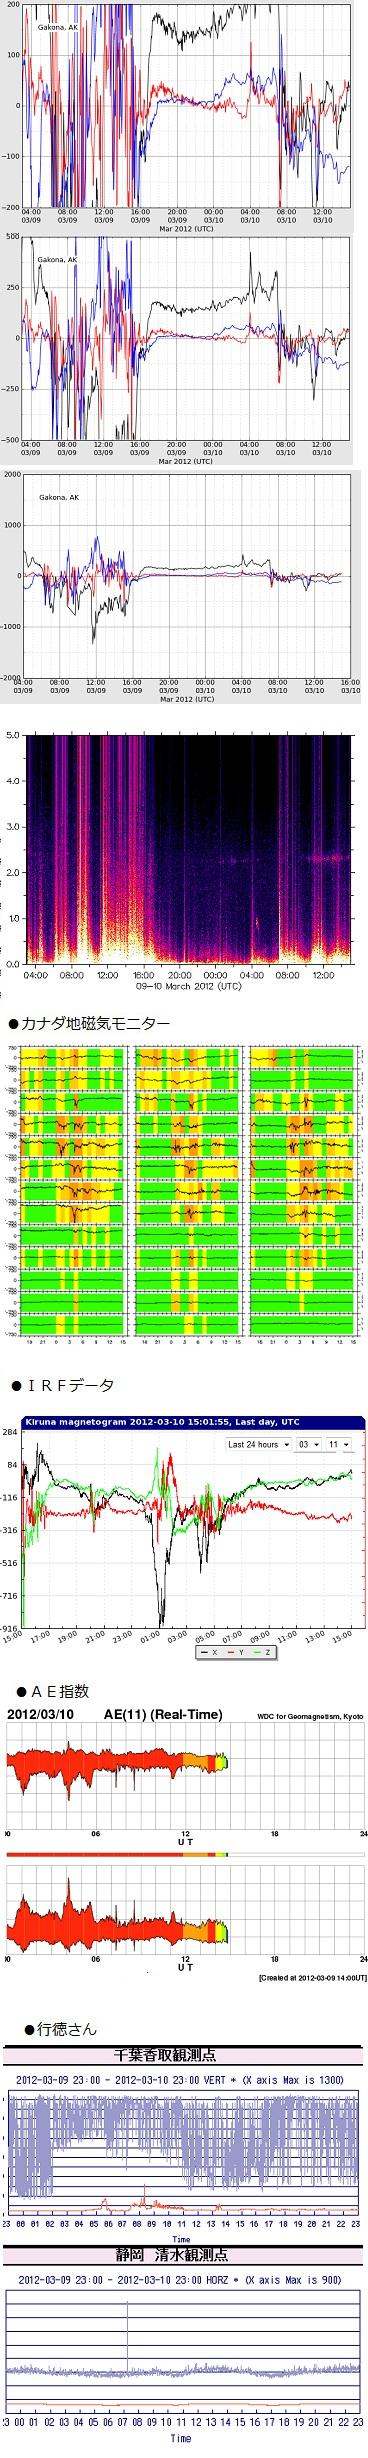 0311-1 haarp